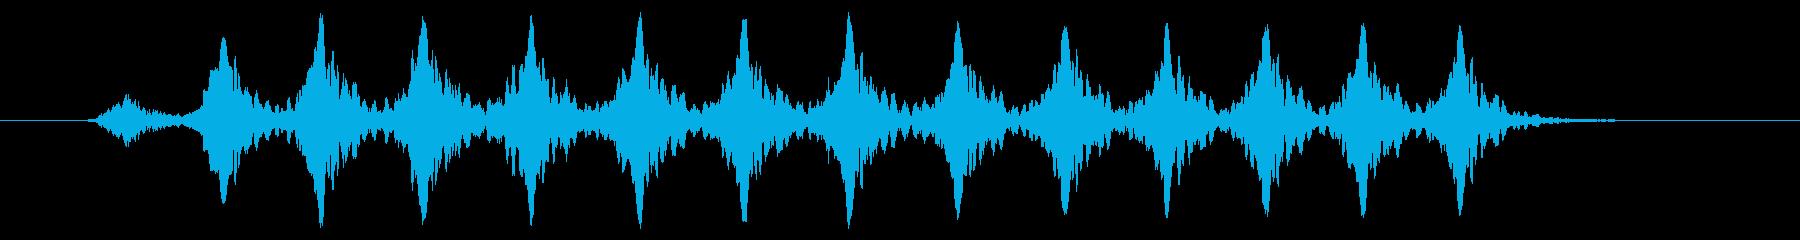 こおろぎの鳴き声_その1の再生済みの波形